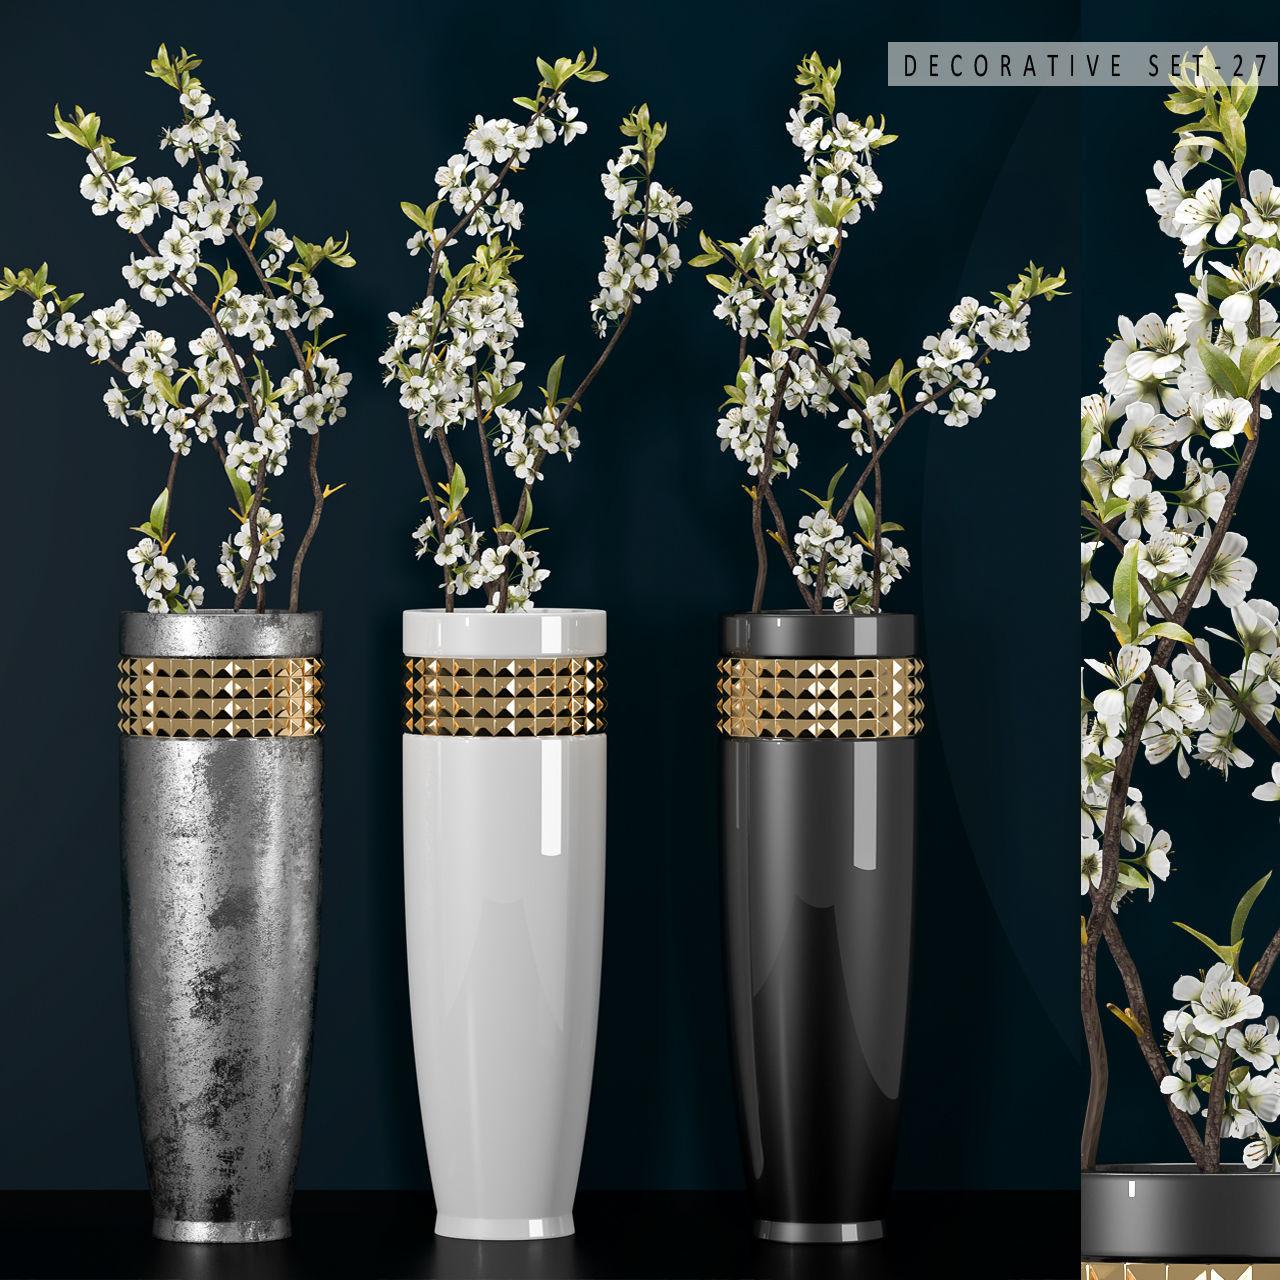 Decorative vase set 27 3d cgtrader decorative vase set 27 3d model max fbx unitypackage 1 reviewsmspy